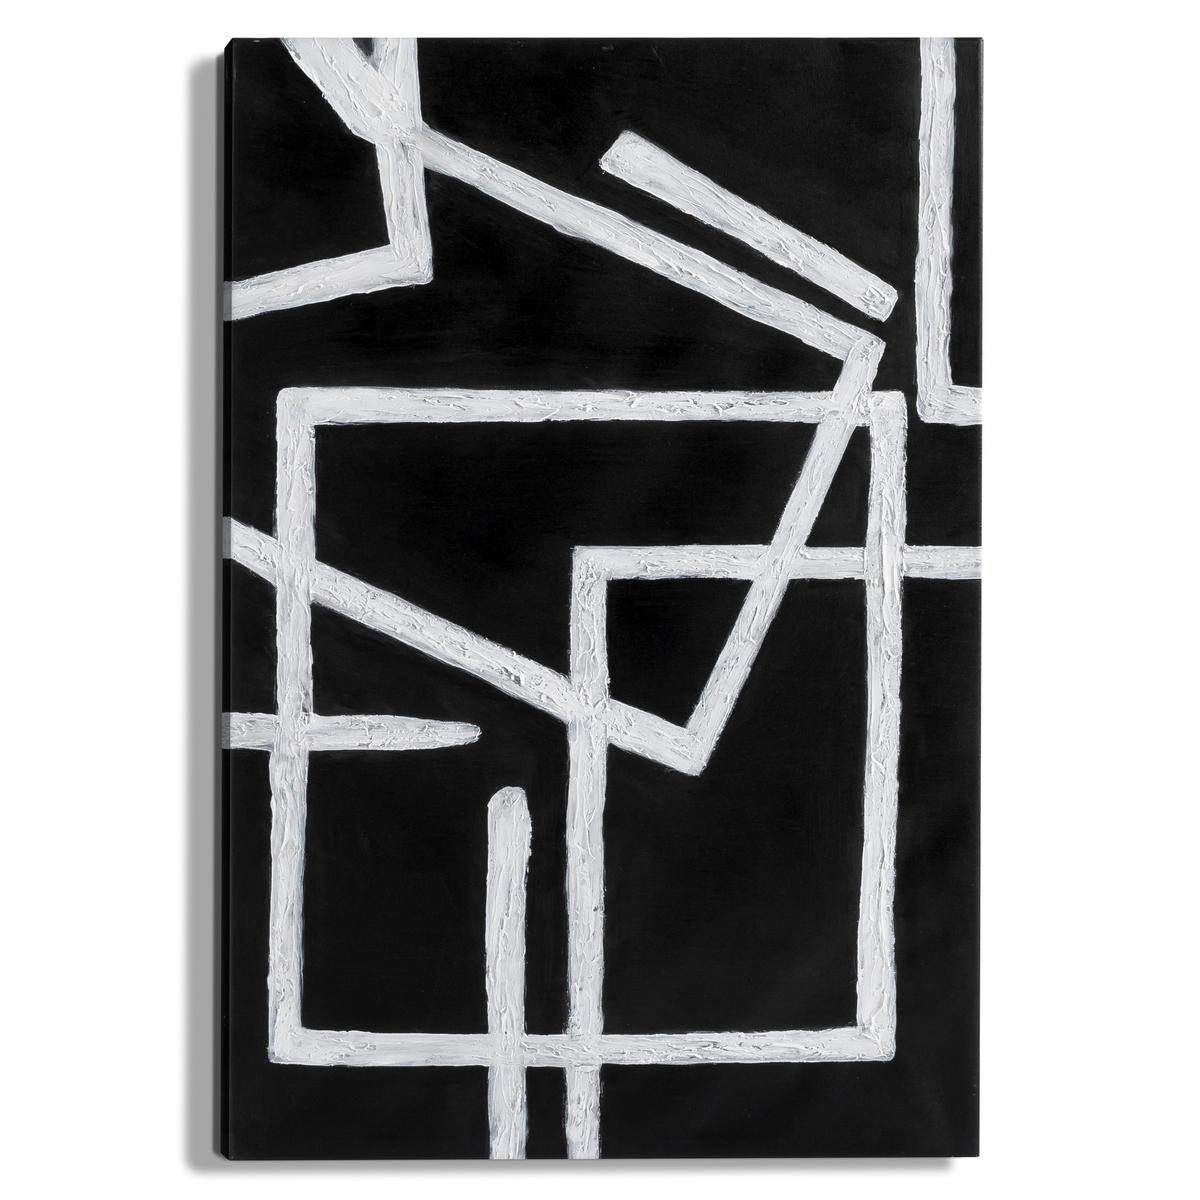 Картина MagiaХарактеристики: :- Настоящая картина, ручная работа- Рамка из ели и холст- 1 крюк для крепления на стенуРазмеры : - 60 x 90 см<br><br>Цвет: черный/ белый<br>Размер: единый размер